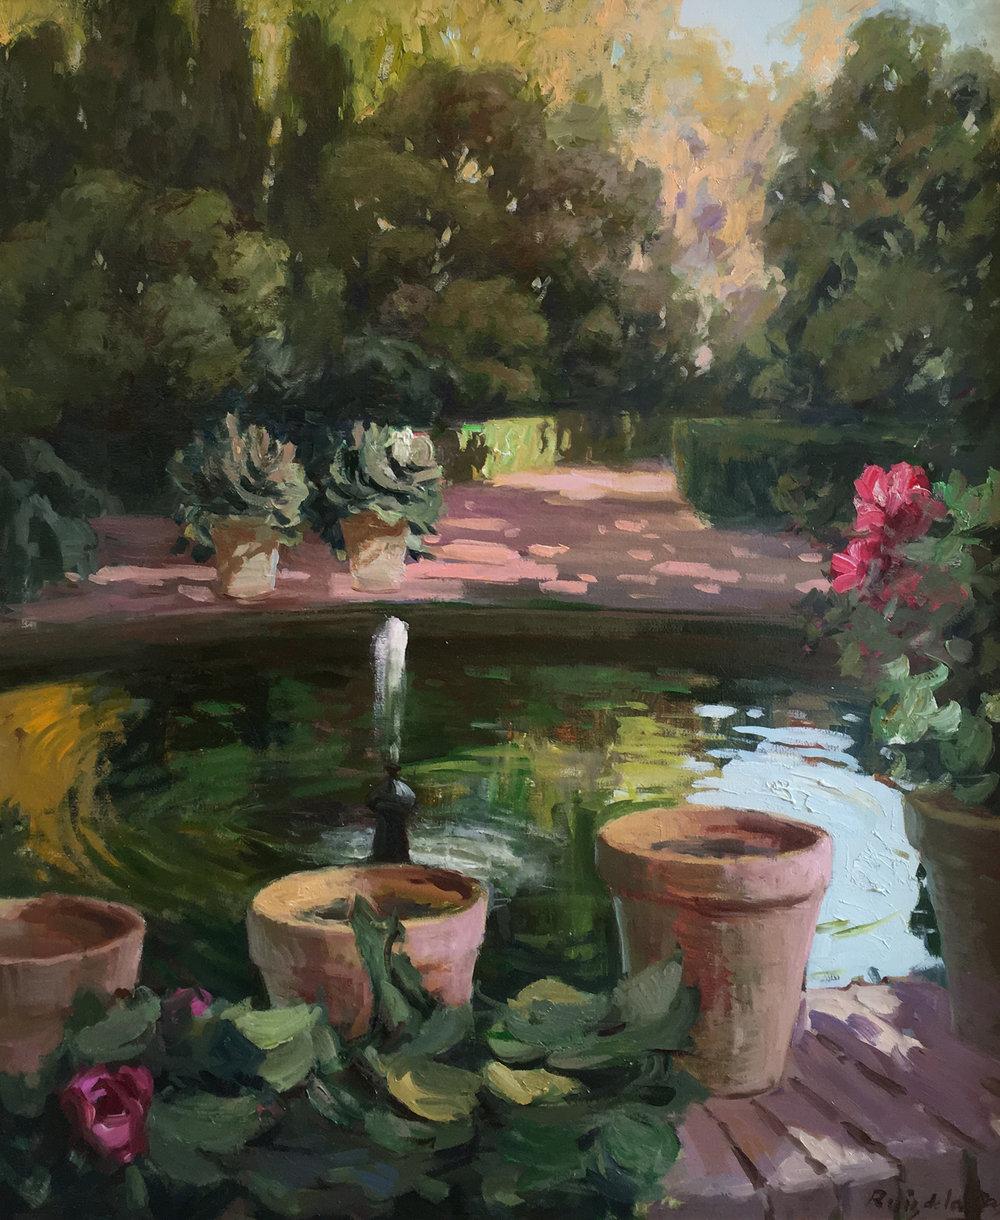 REALES ALCAZARES - SEVILLA I  oil, 24 x 30 in.